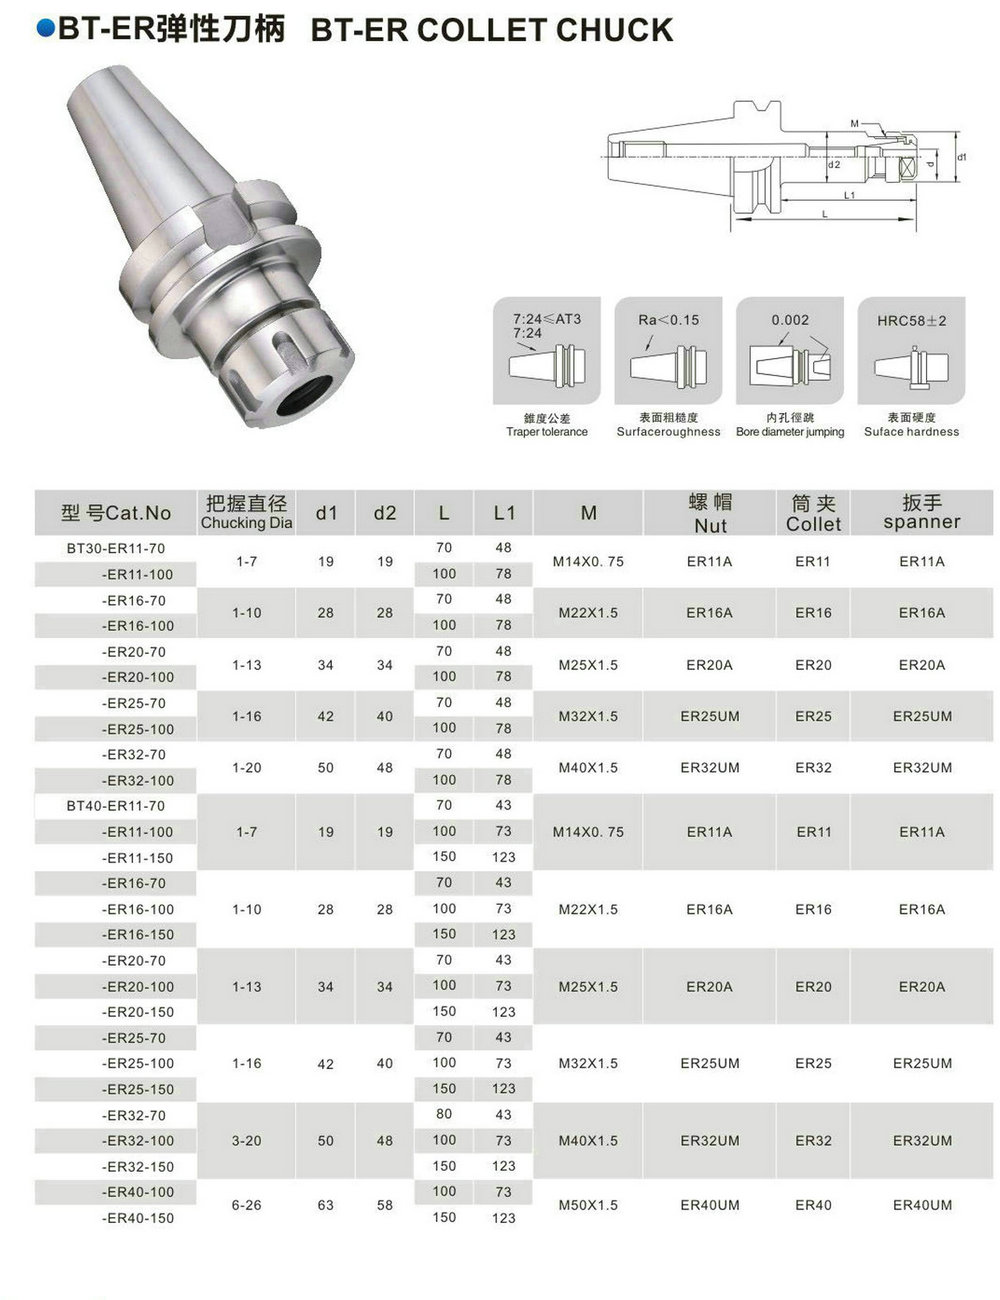 Wrench  #333 MAS//BT40 Collet Chuck ER40 ER40 Collet Set HK